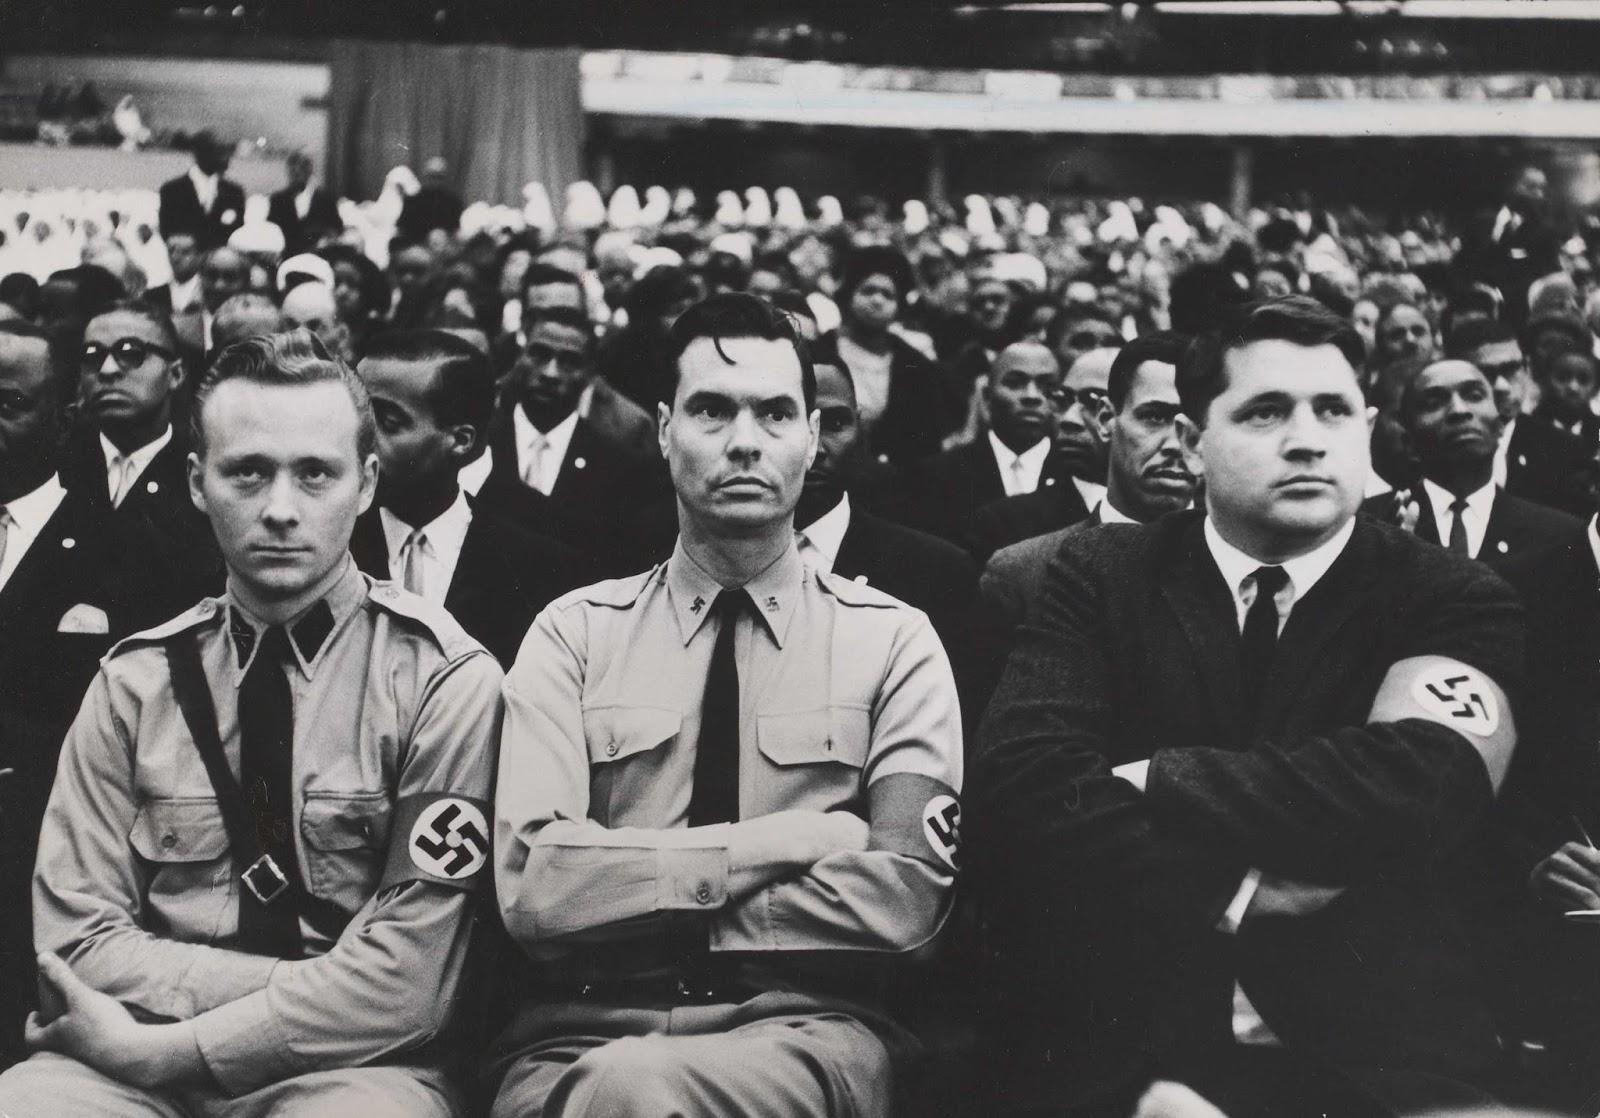 George Lincoln Rockwell y miembros del Partido Nazi Americano asisten a una cumbre de la Nación del Islam en 1961.